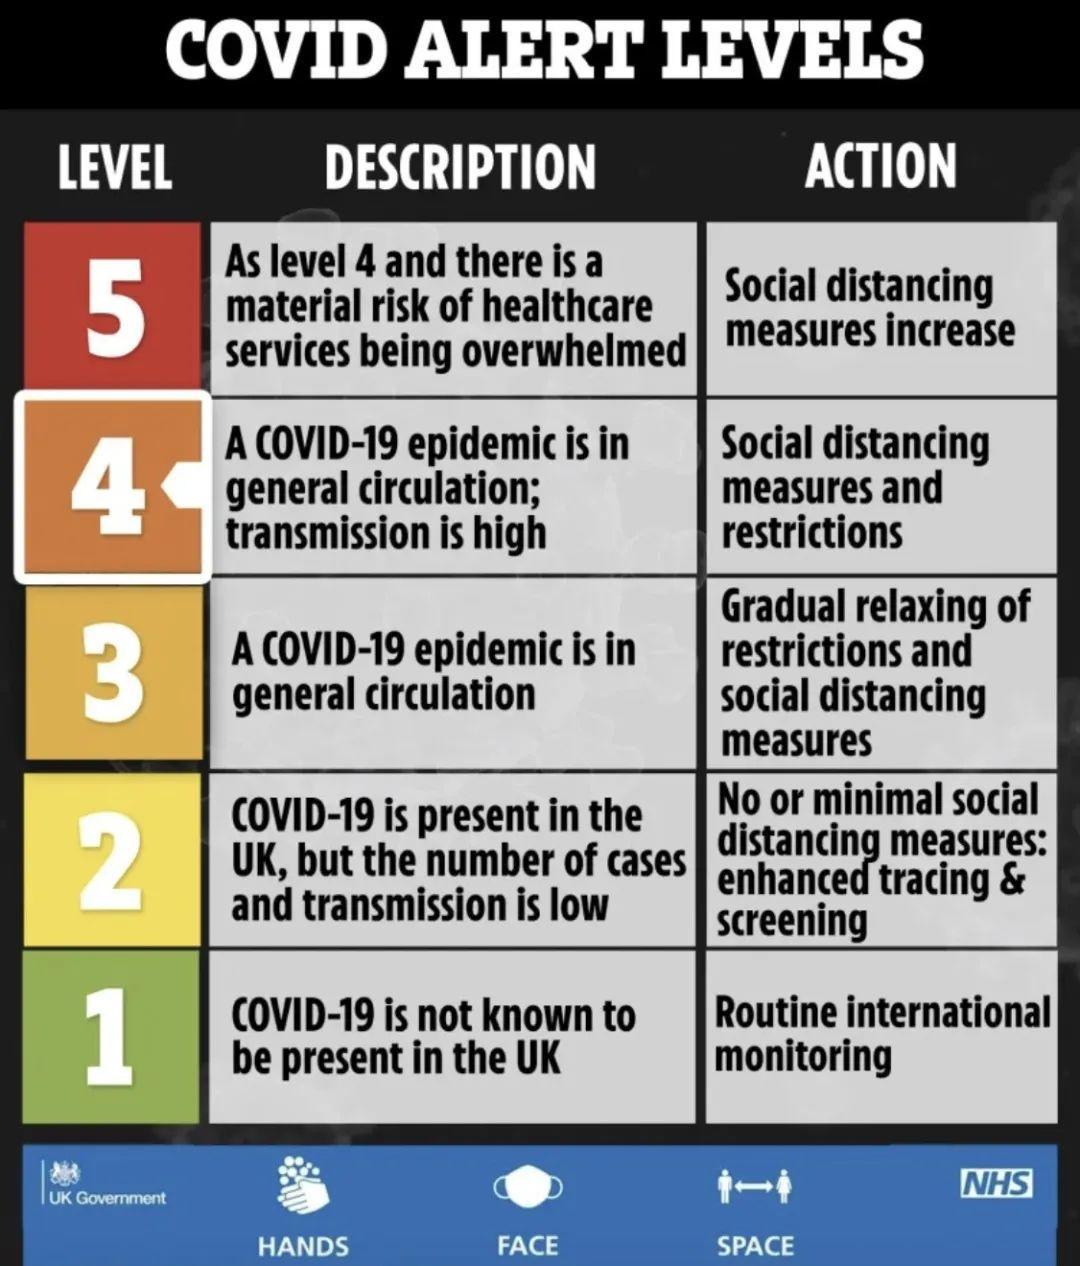 英国暴增近5千,六大新规再封半年!500名大学生被隔离  英国留学 疫情相关 第20张